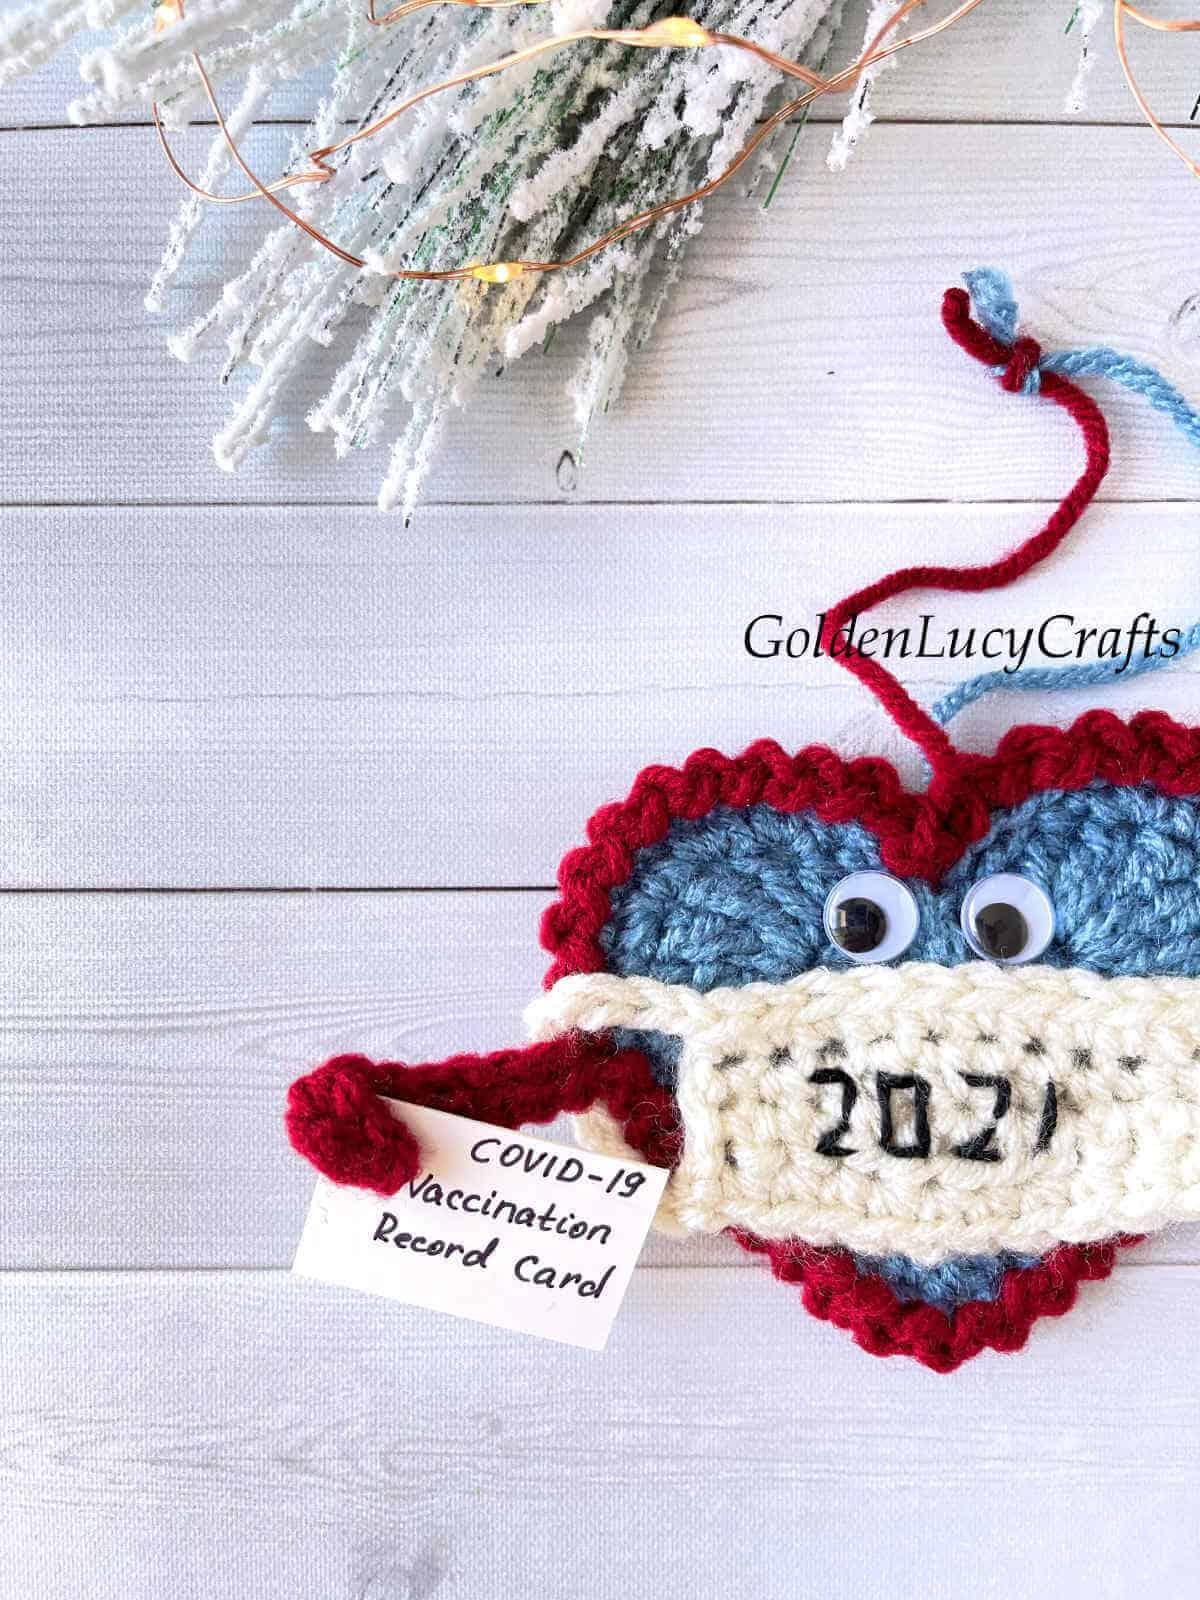 Crochet Christmas ornament 2021 close upimagem.